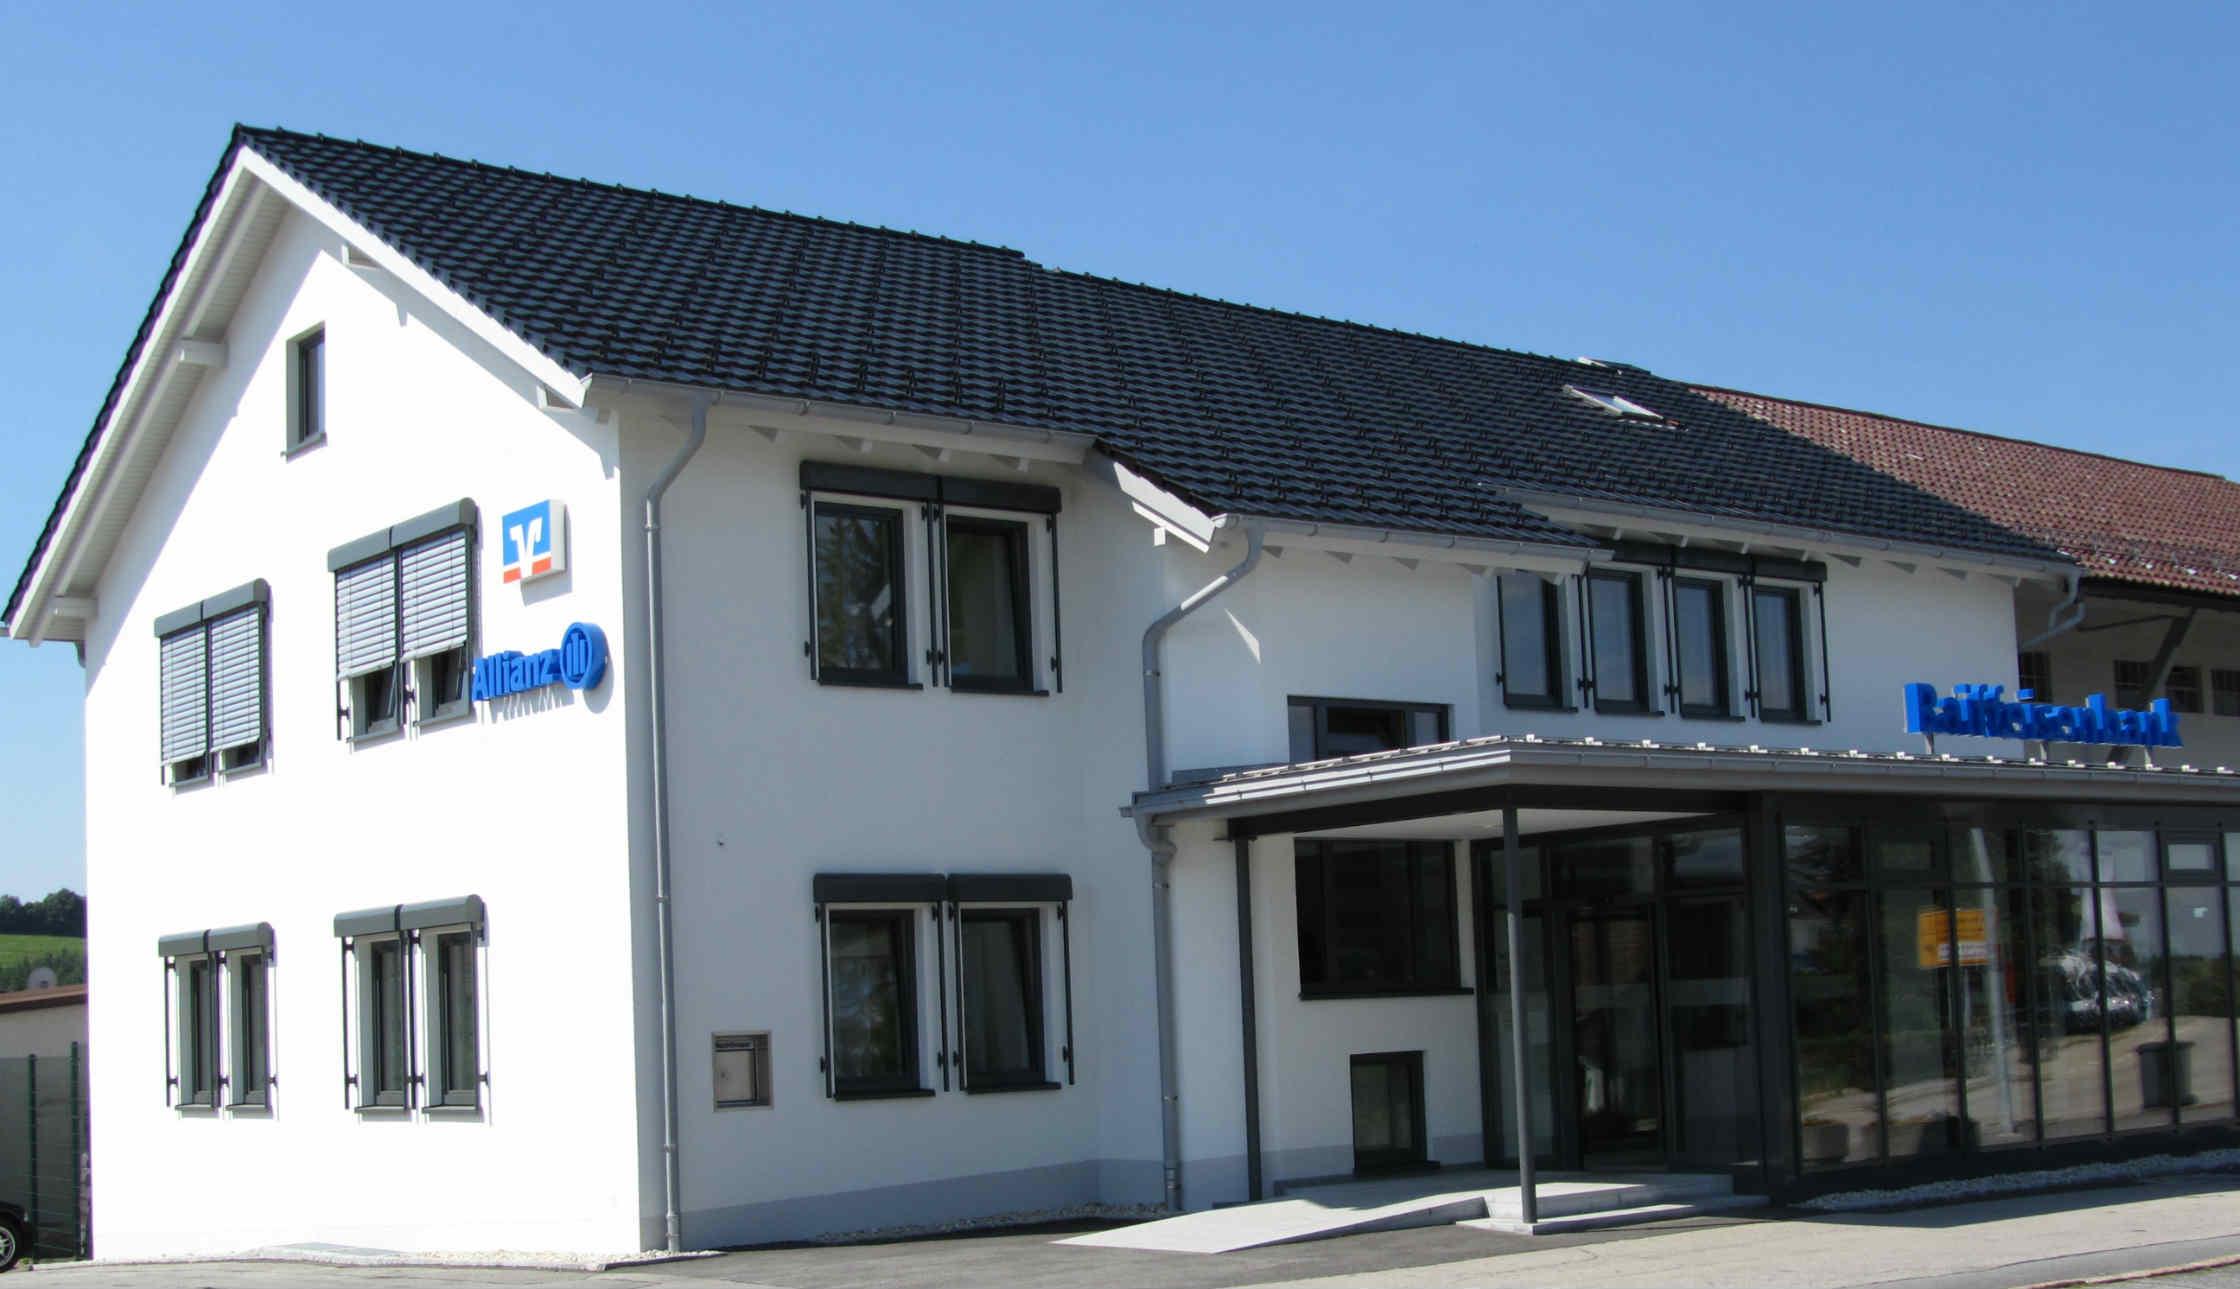 Unsere Ansprechpartner Geschäftsstelle Jandelsbrunn, Hauptstr. 5, 94118 Jandelsbrunn